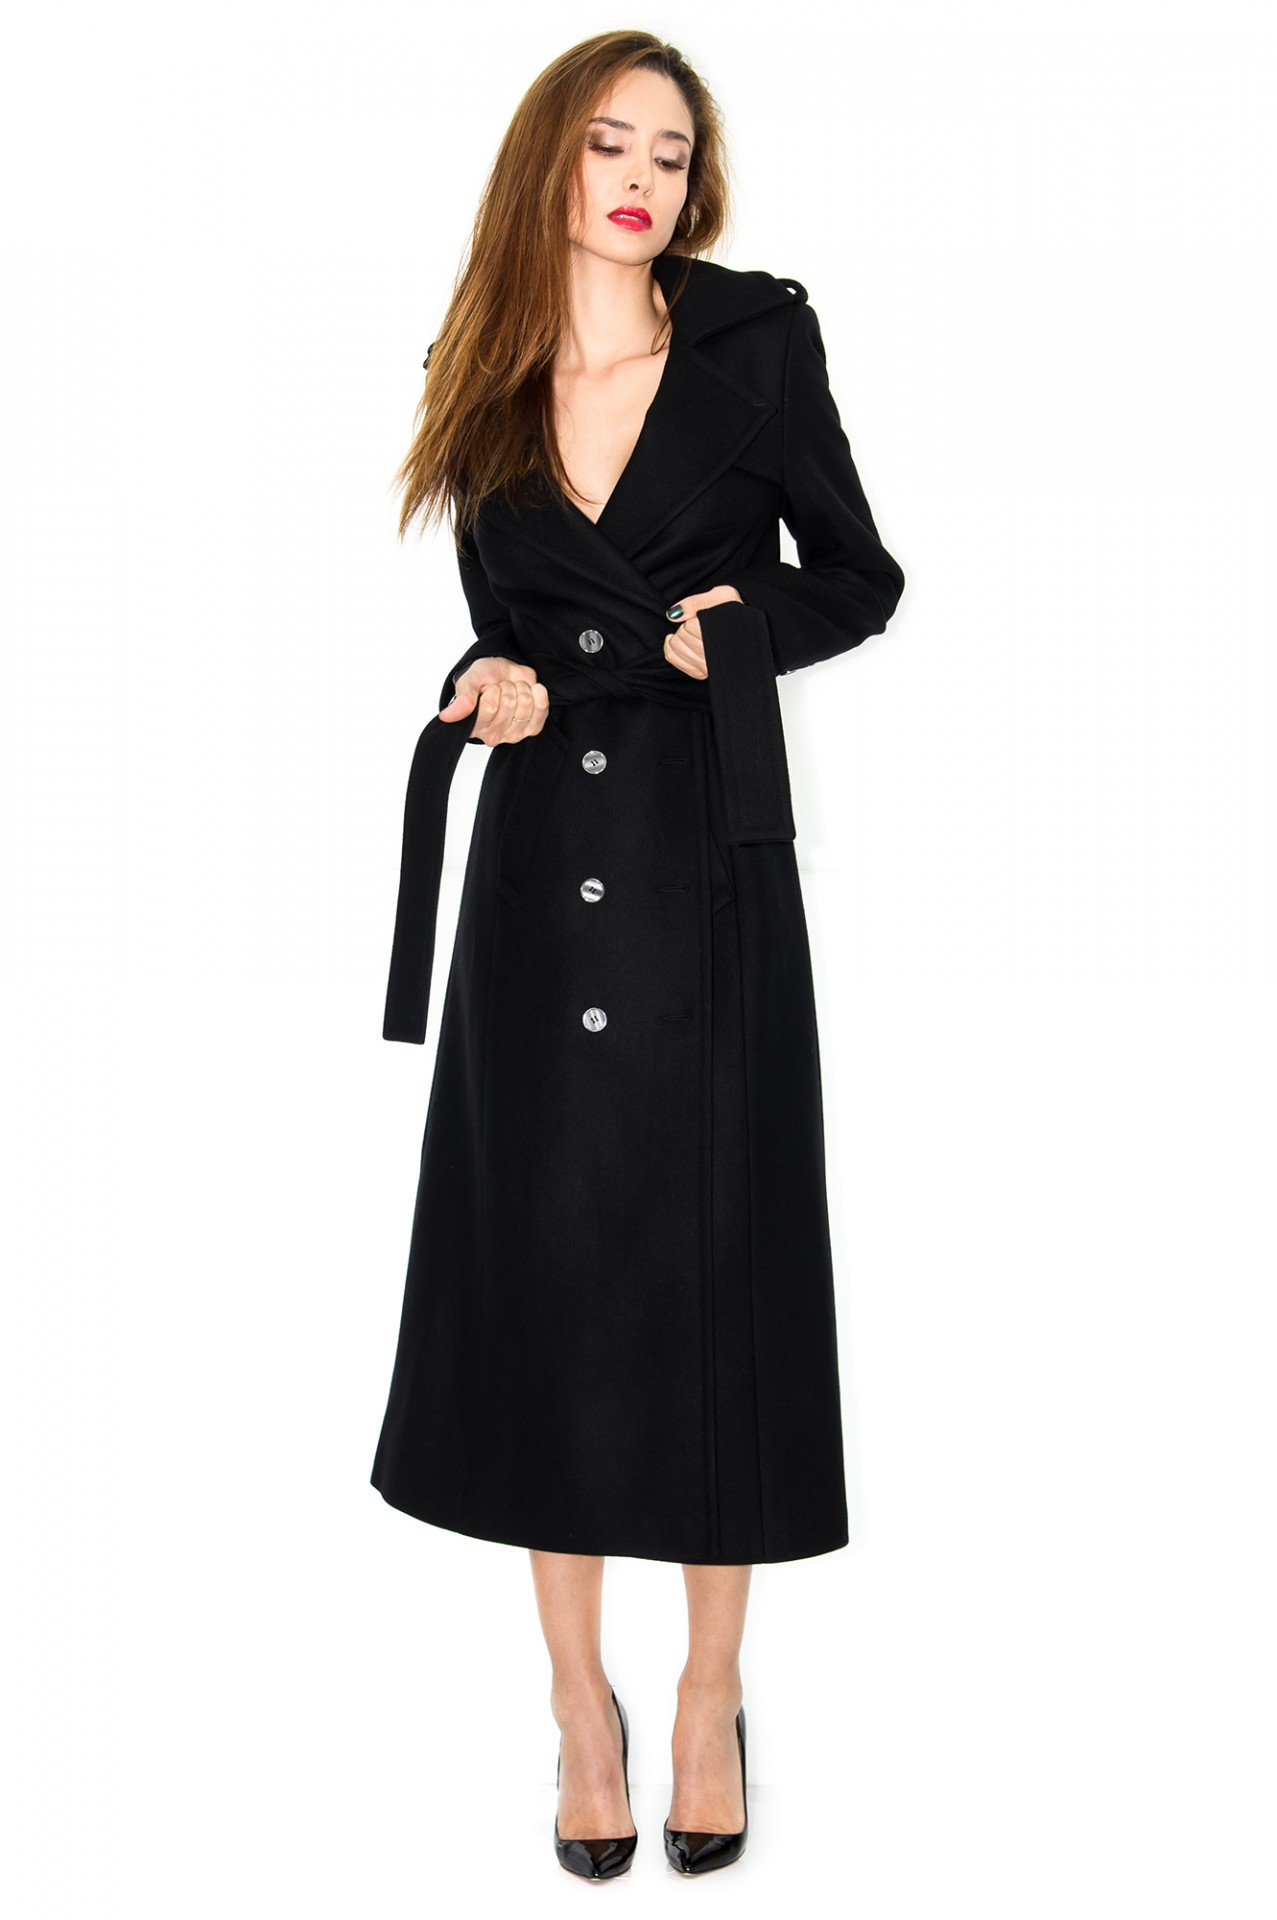 manteau cachemire manteau noir manteau long manteau. Black Bedroom Furniture Sets. Home Design Ideas